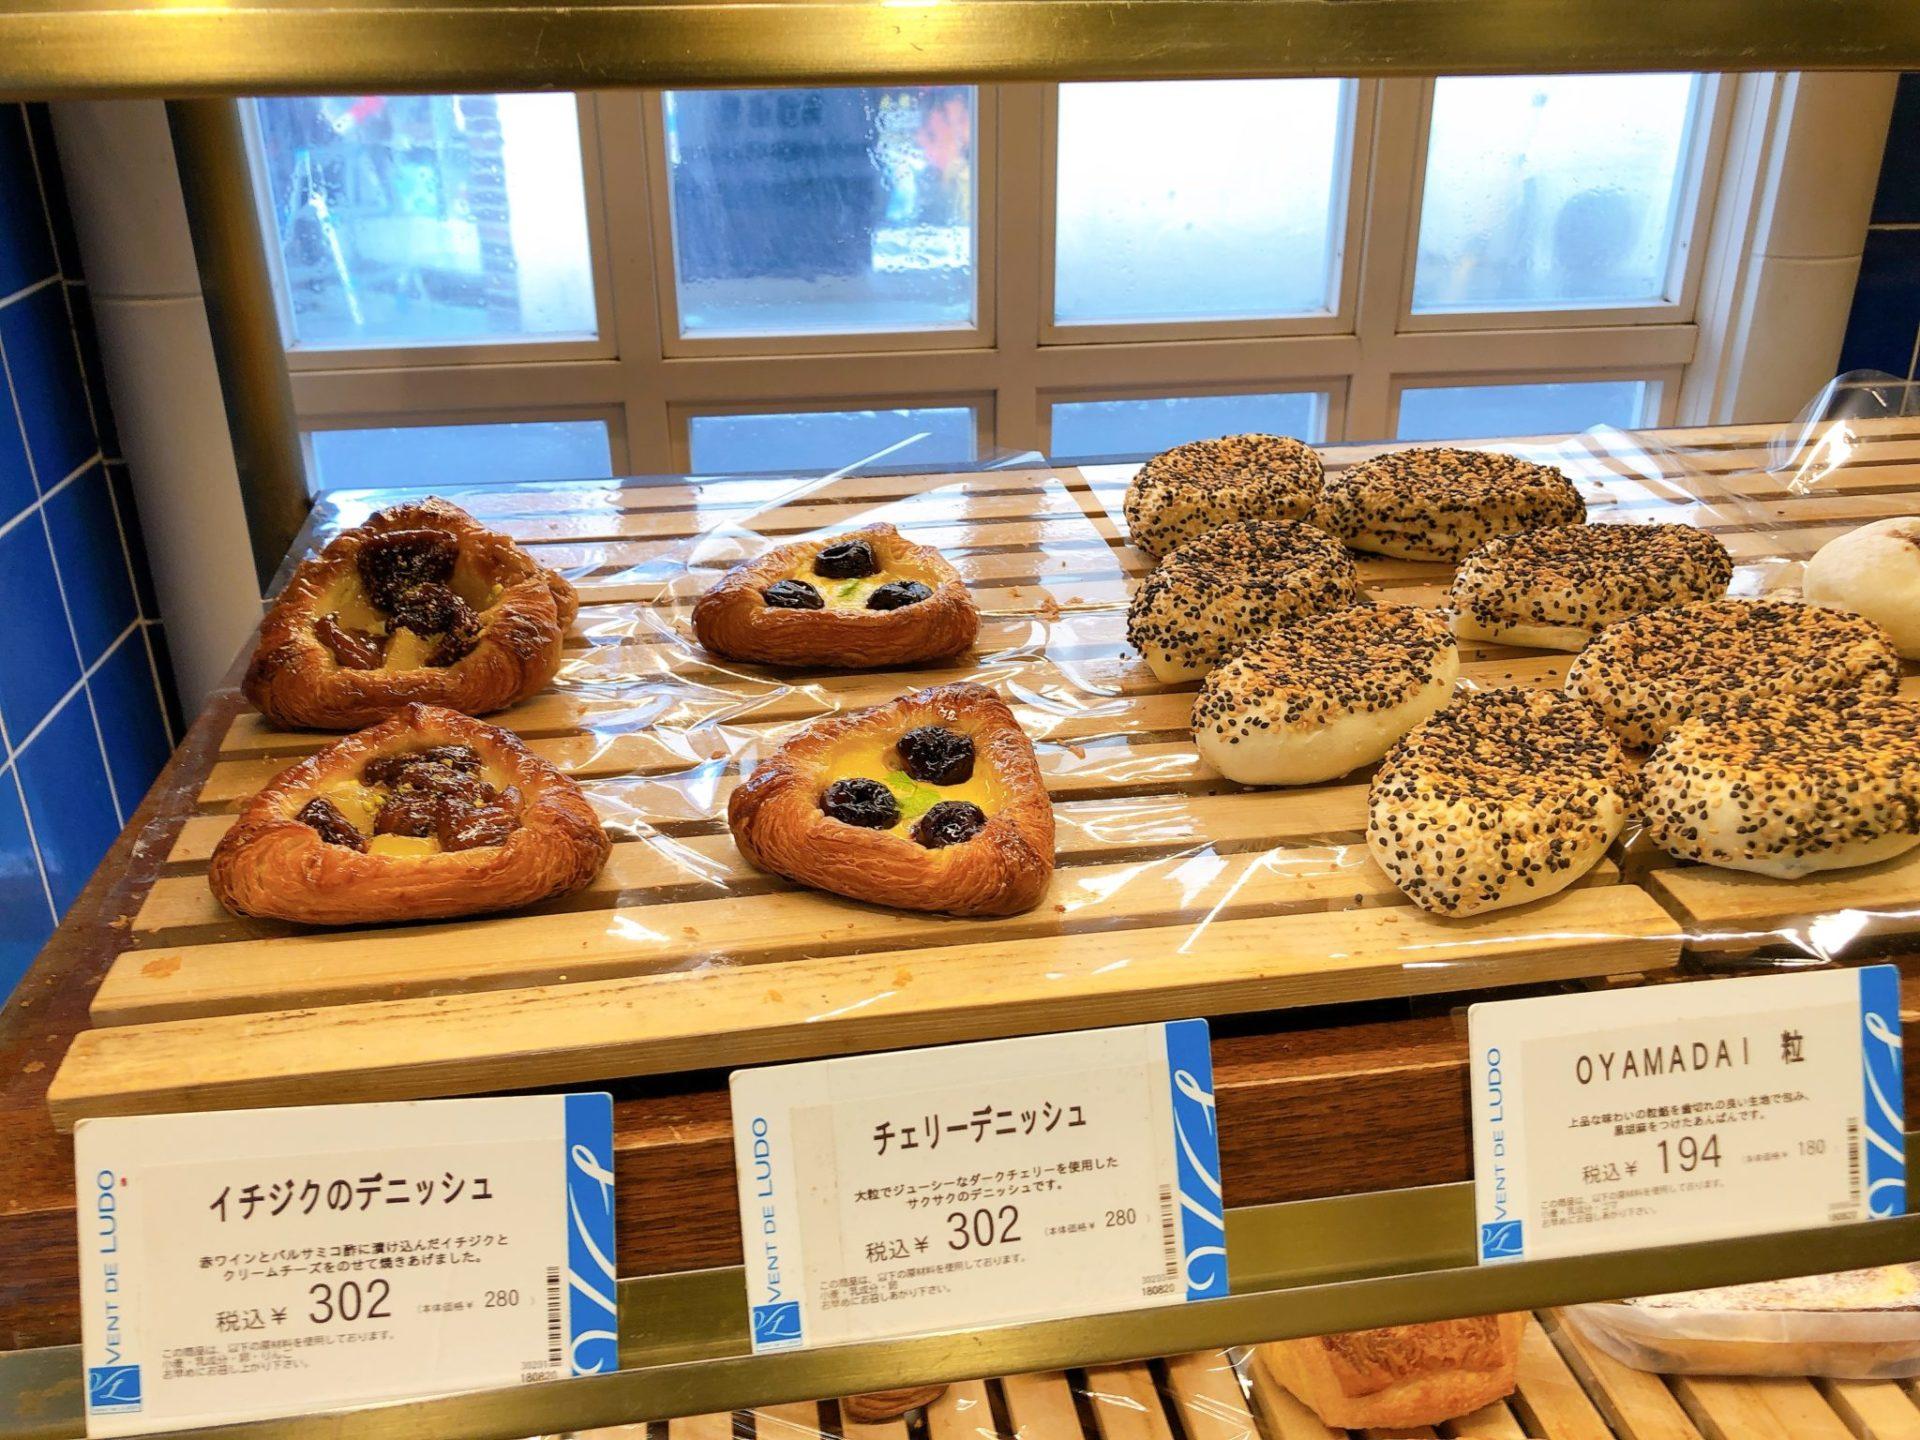 ヴァンドゥリュド 尾山台のスイーツ系パン